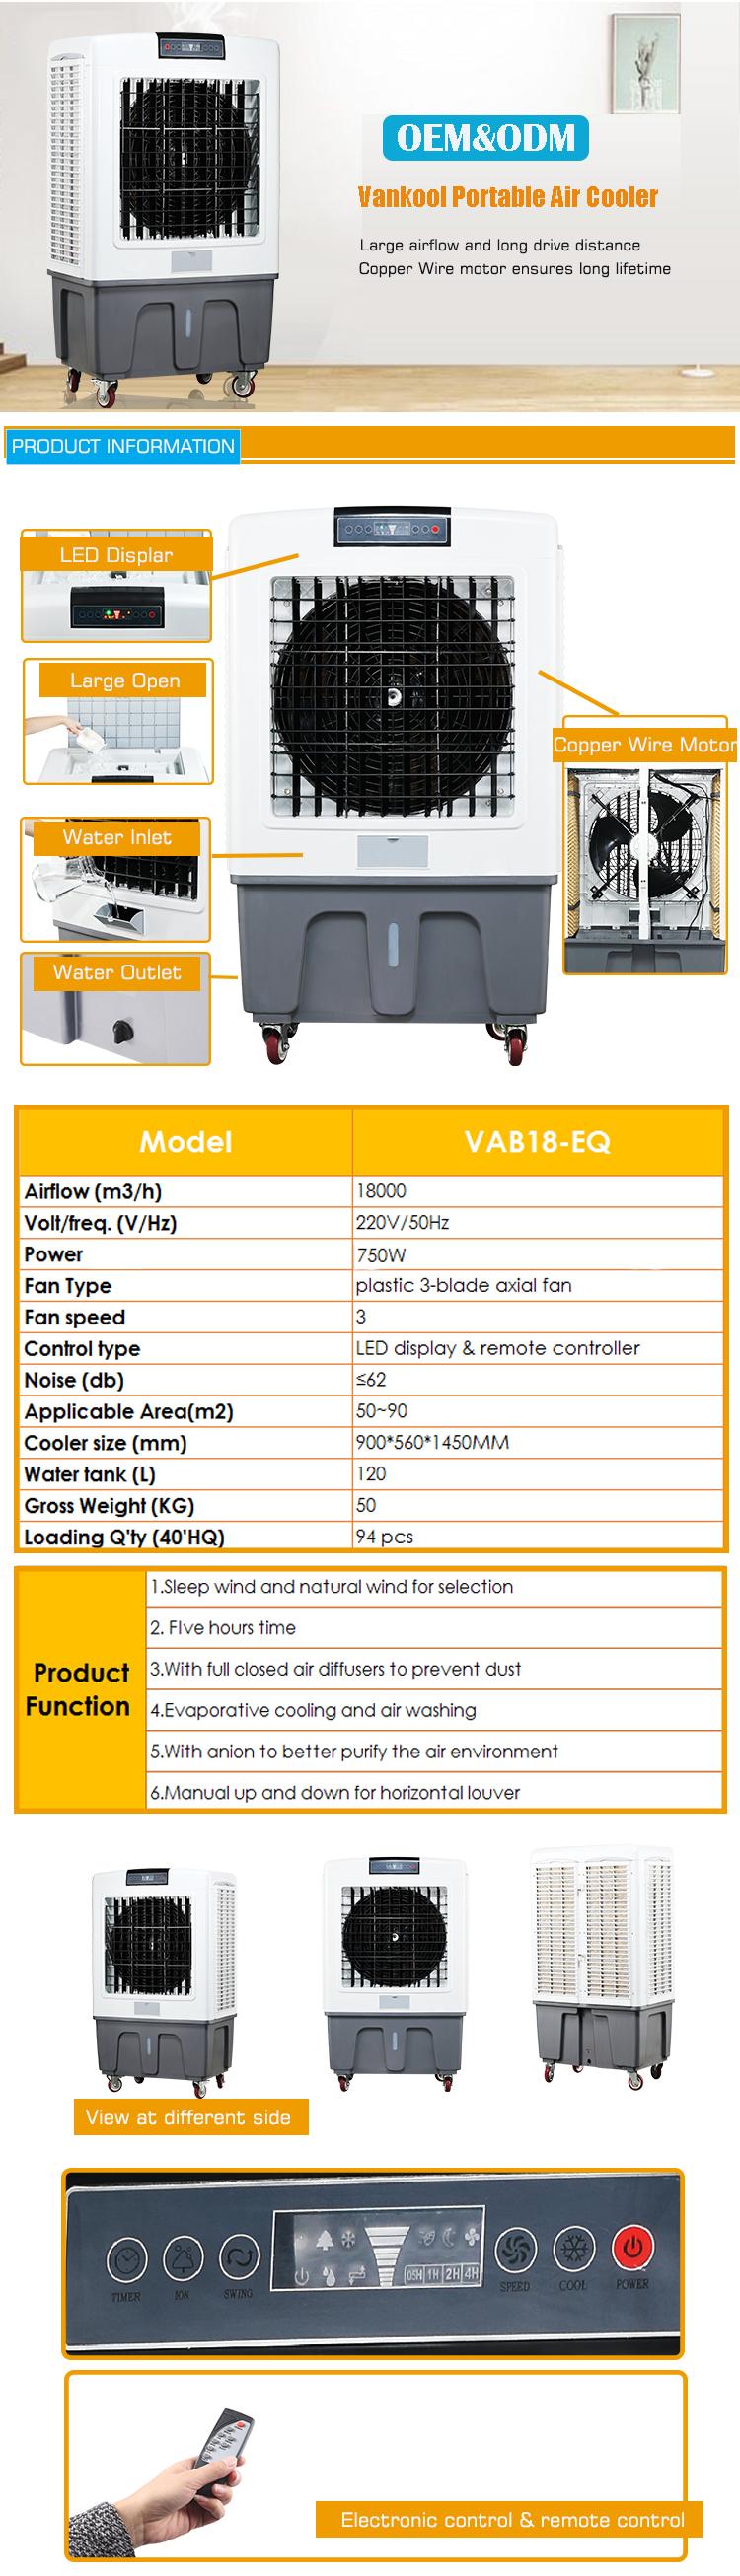 Industri Evaporative Air Cooler dengan 18000m3/H Aliran Udara dan 120L Tangki Air